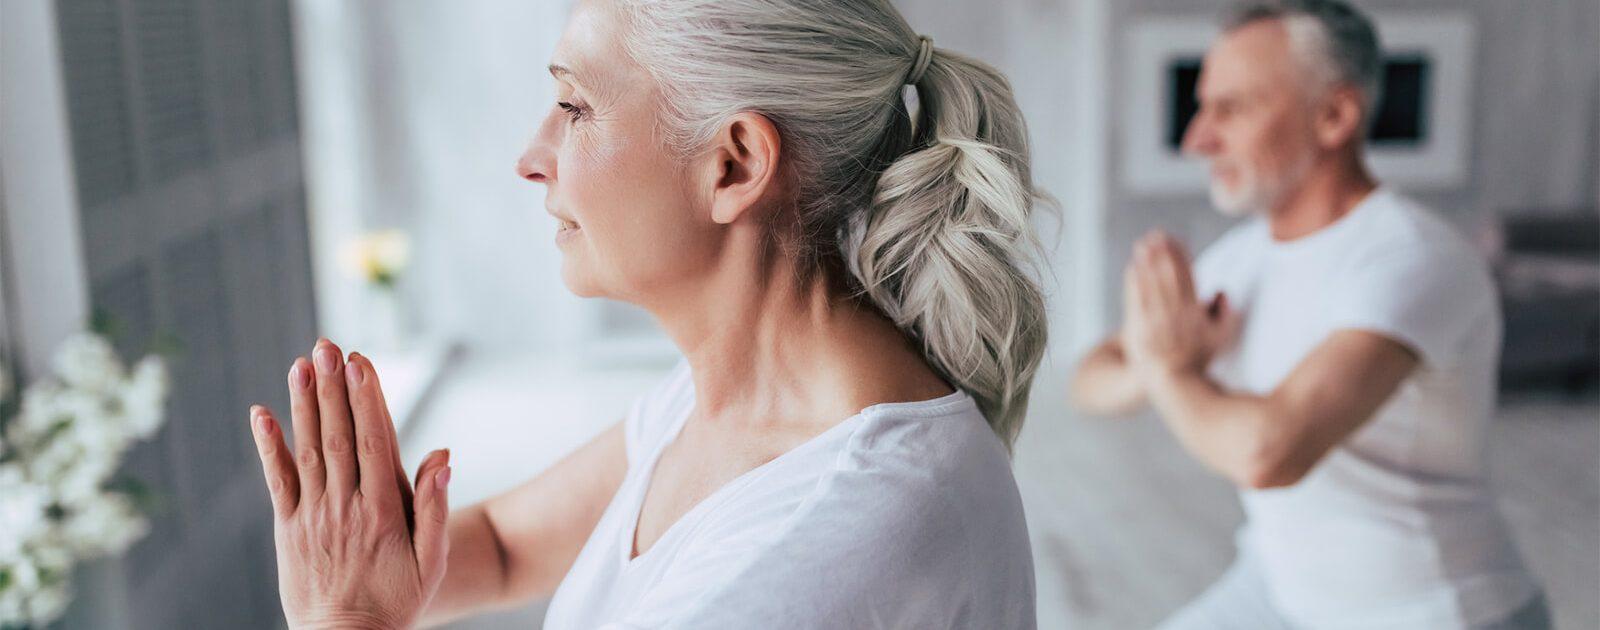 Eine Frau und ein Mann im Alter machen Übungen, um Rückenschmerzen vorzubeugen.